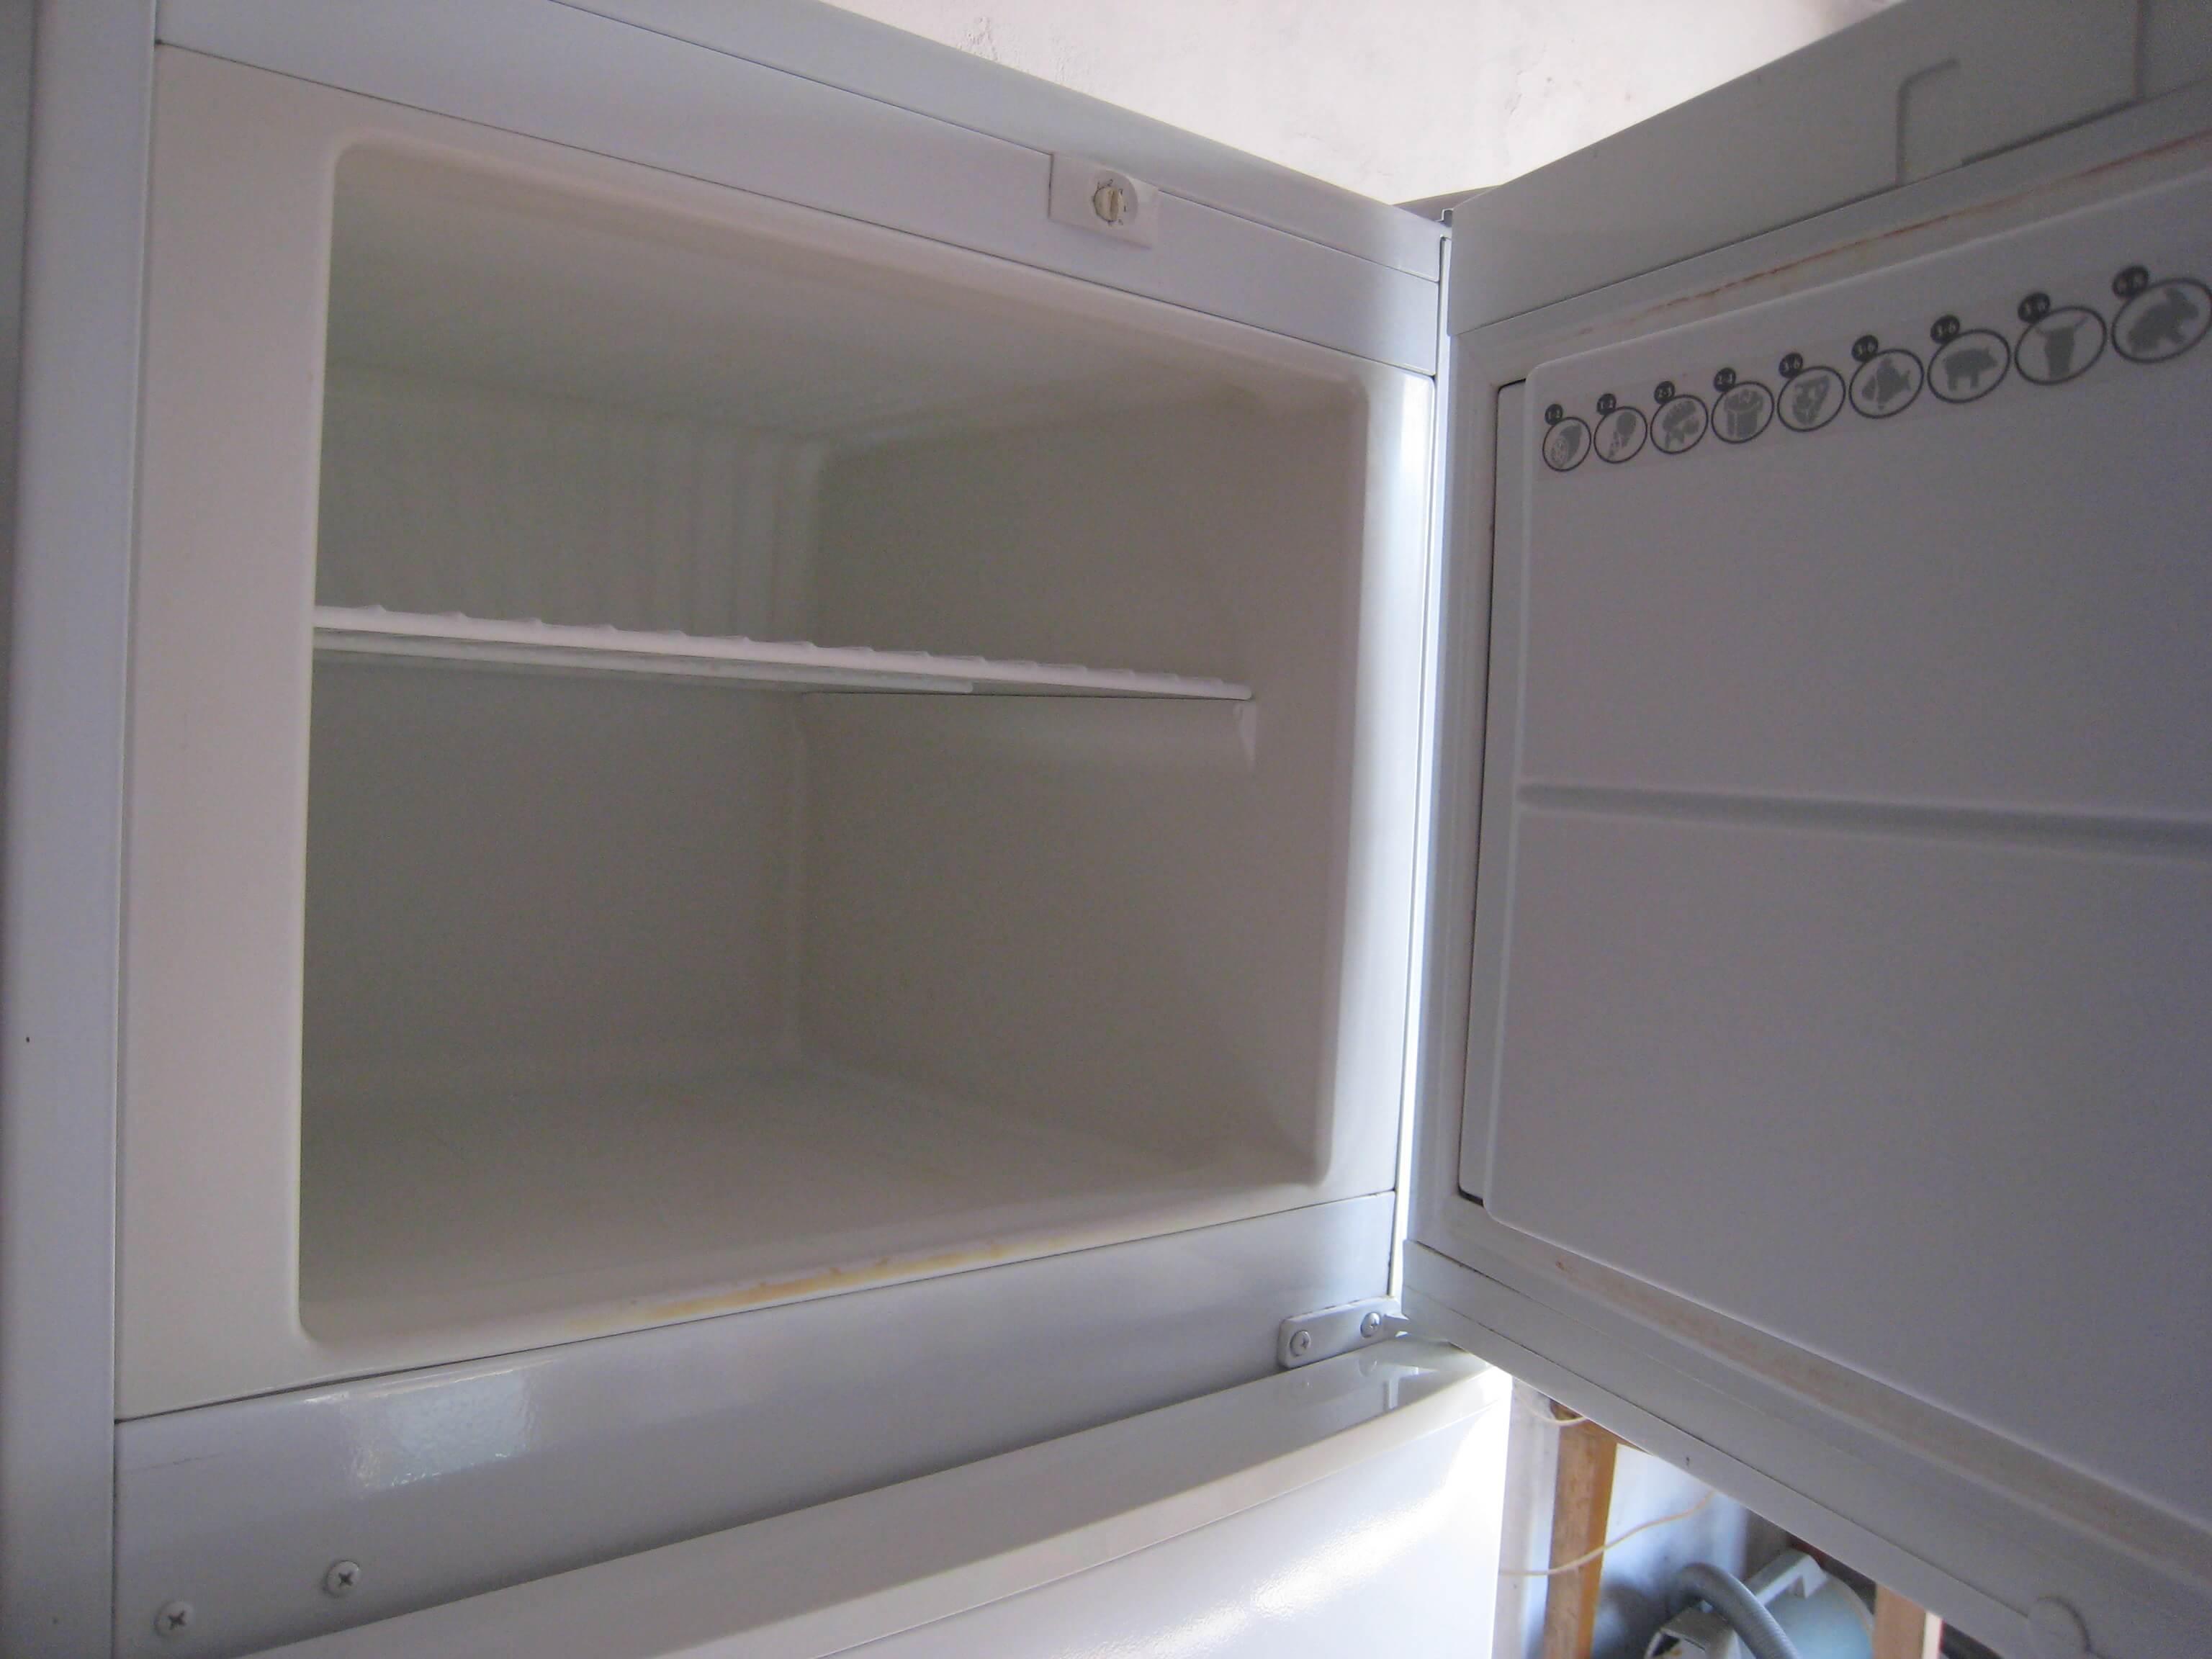 Холодильник не закрывается